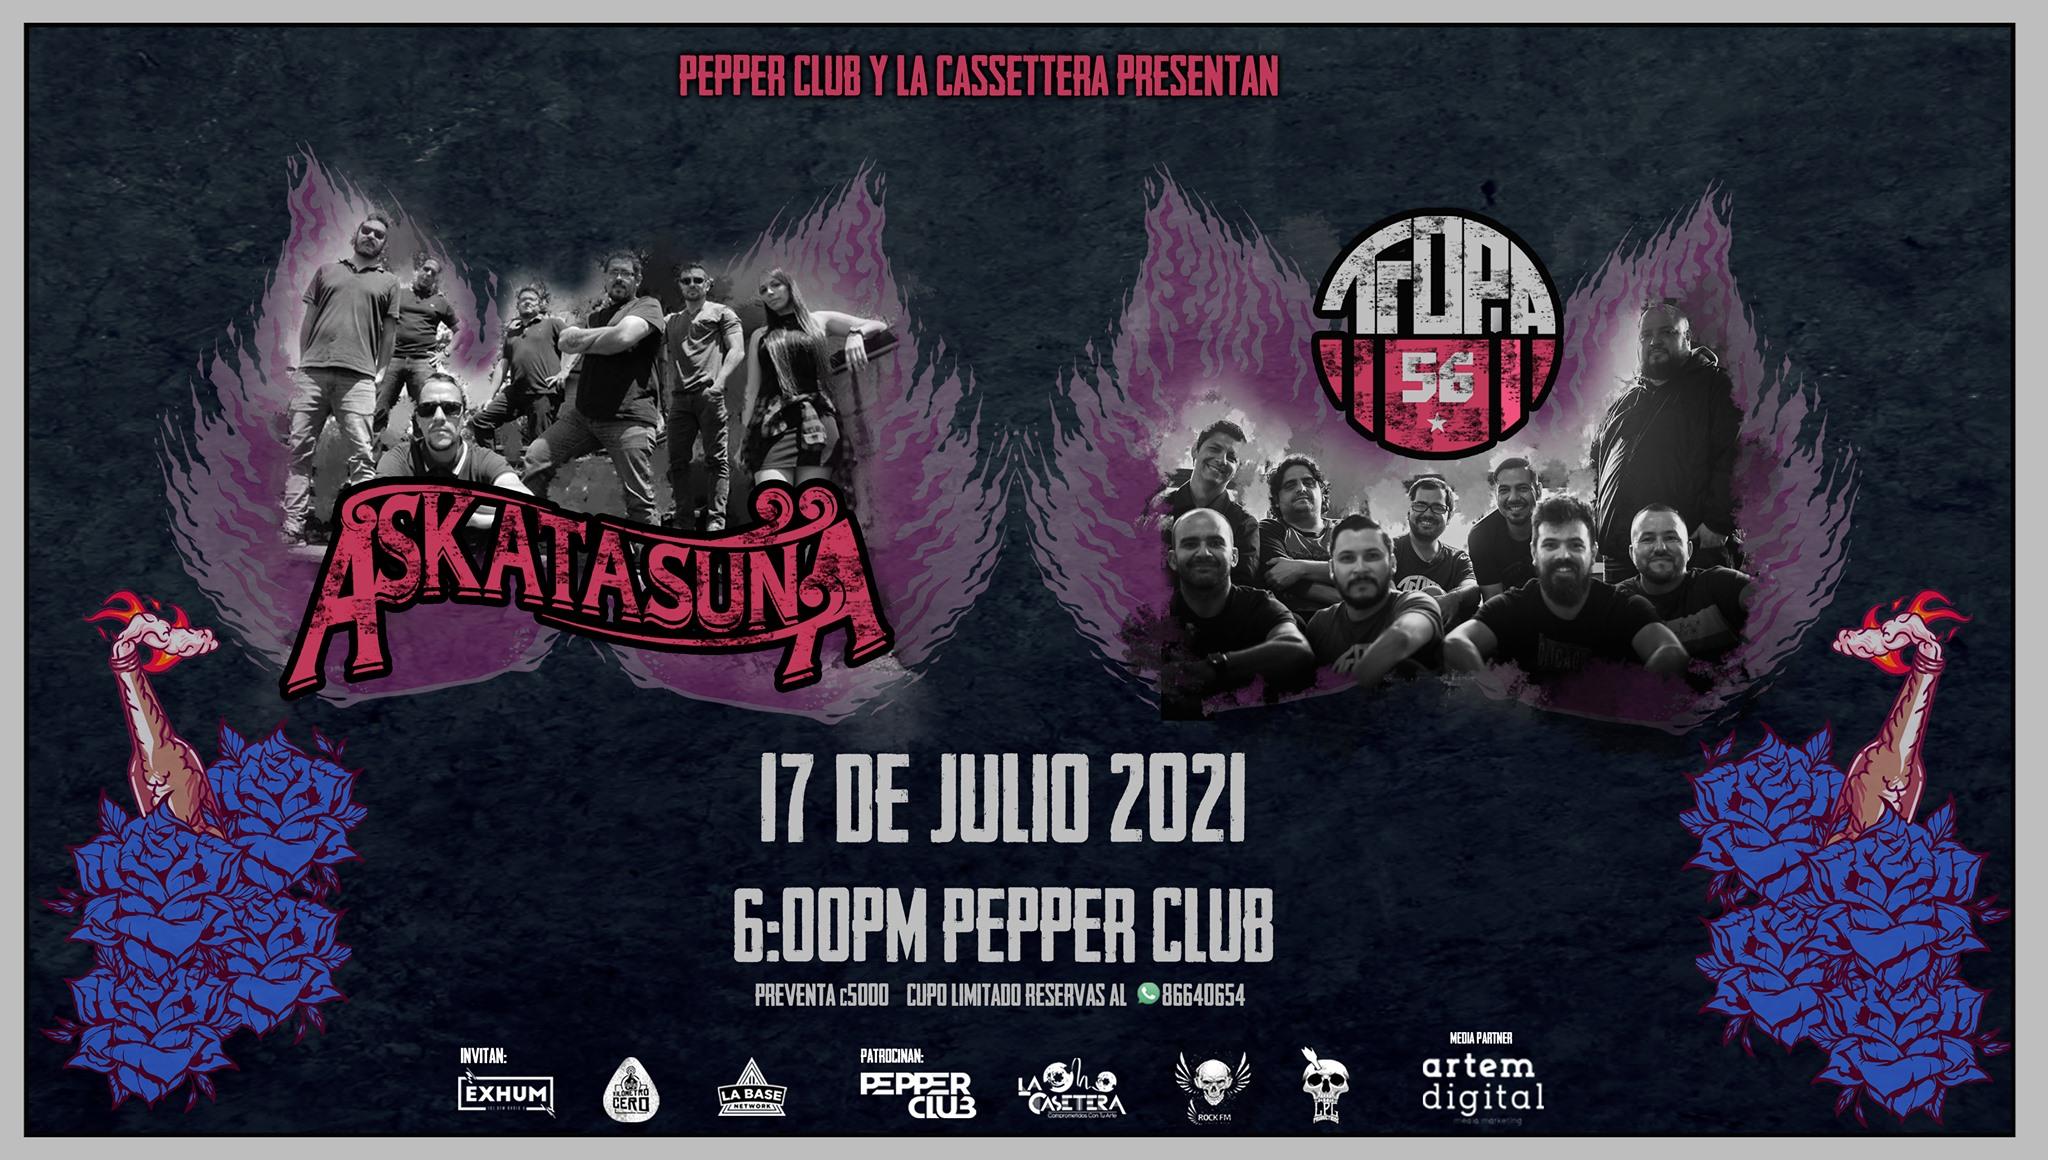 ¡Algo de Ska! Askatasuna & Tropa 56 en Pepper Club